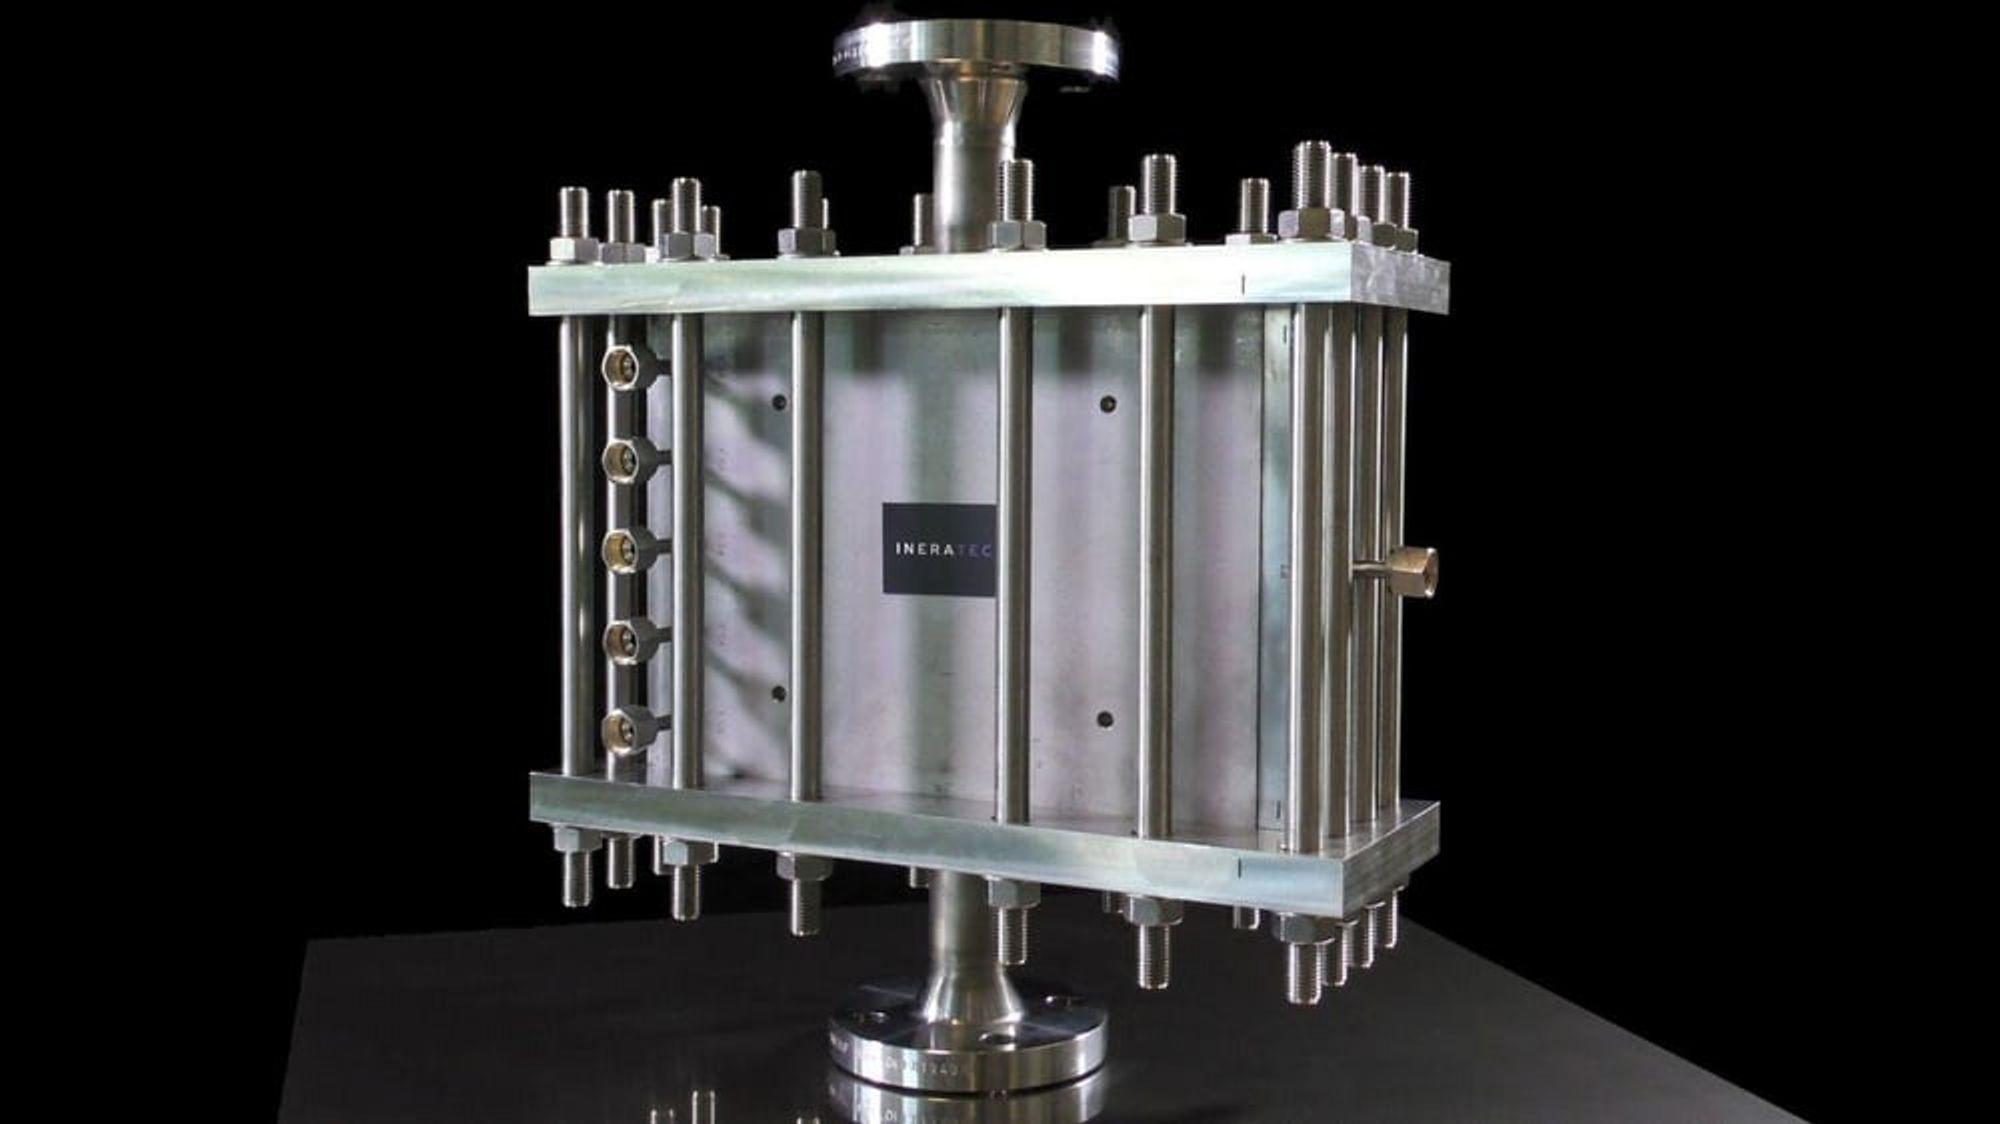 Denne reaktoren kan konvertere hydrogen og karbon, og metan til flytende høykvalitets drivstoff som bensin og diesel.